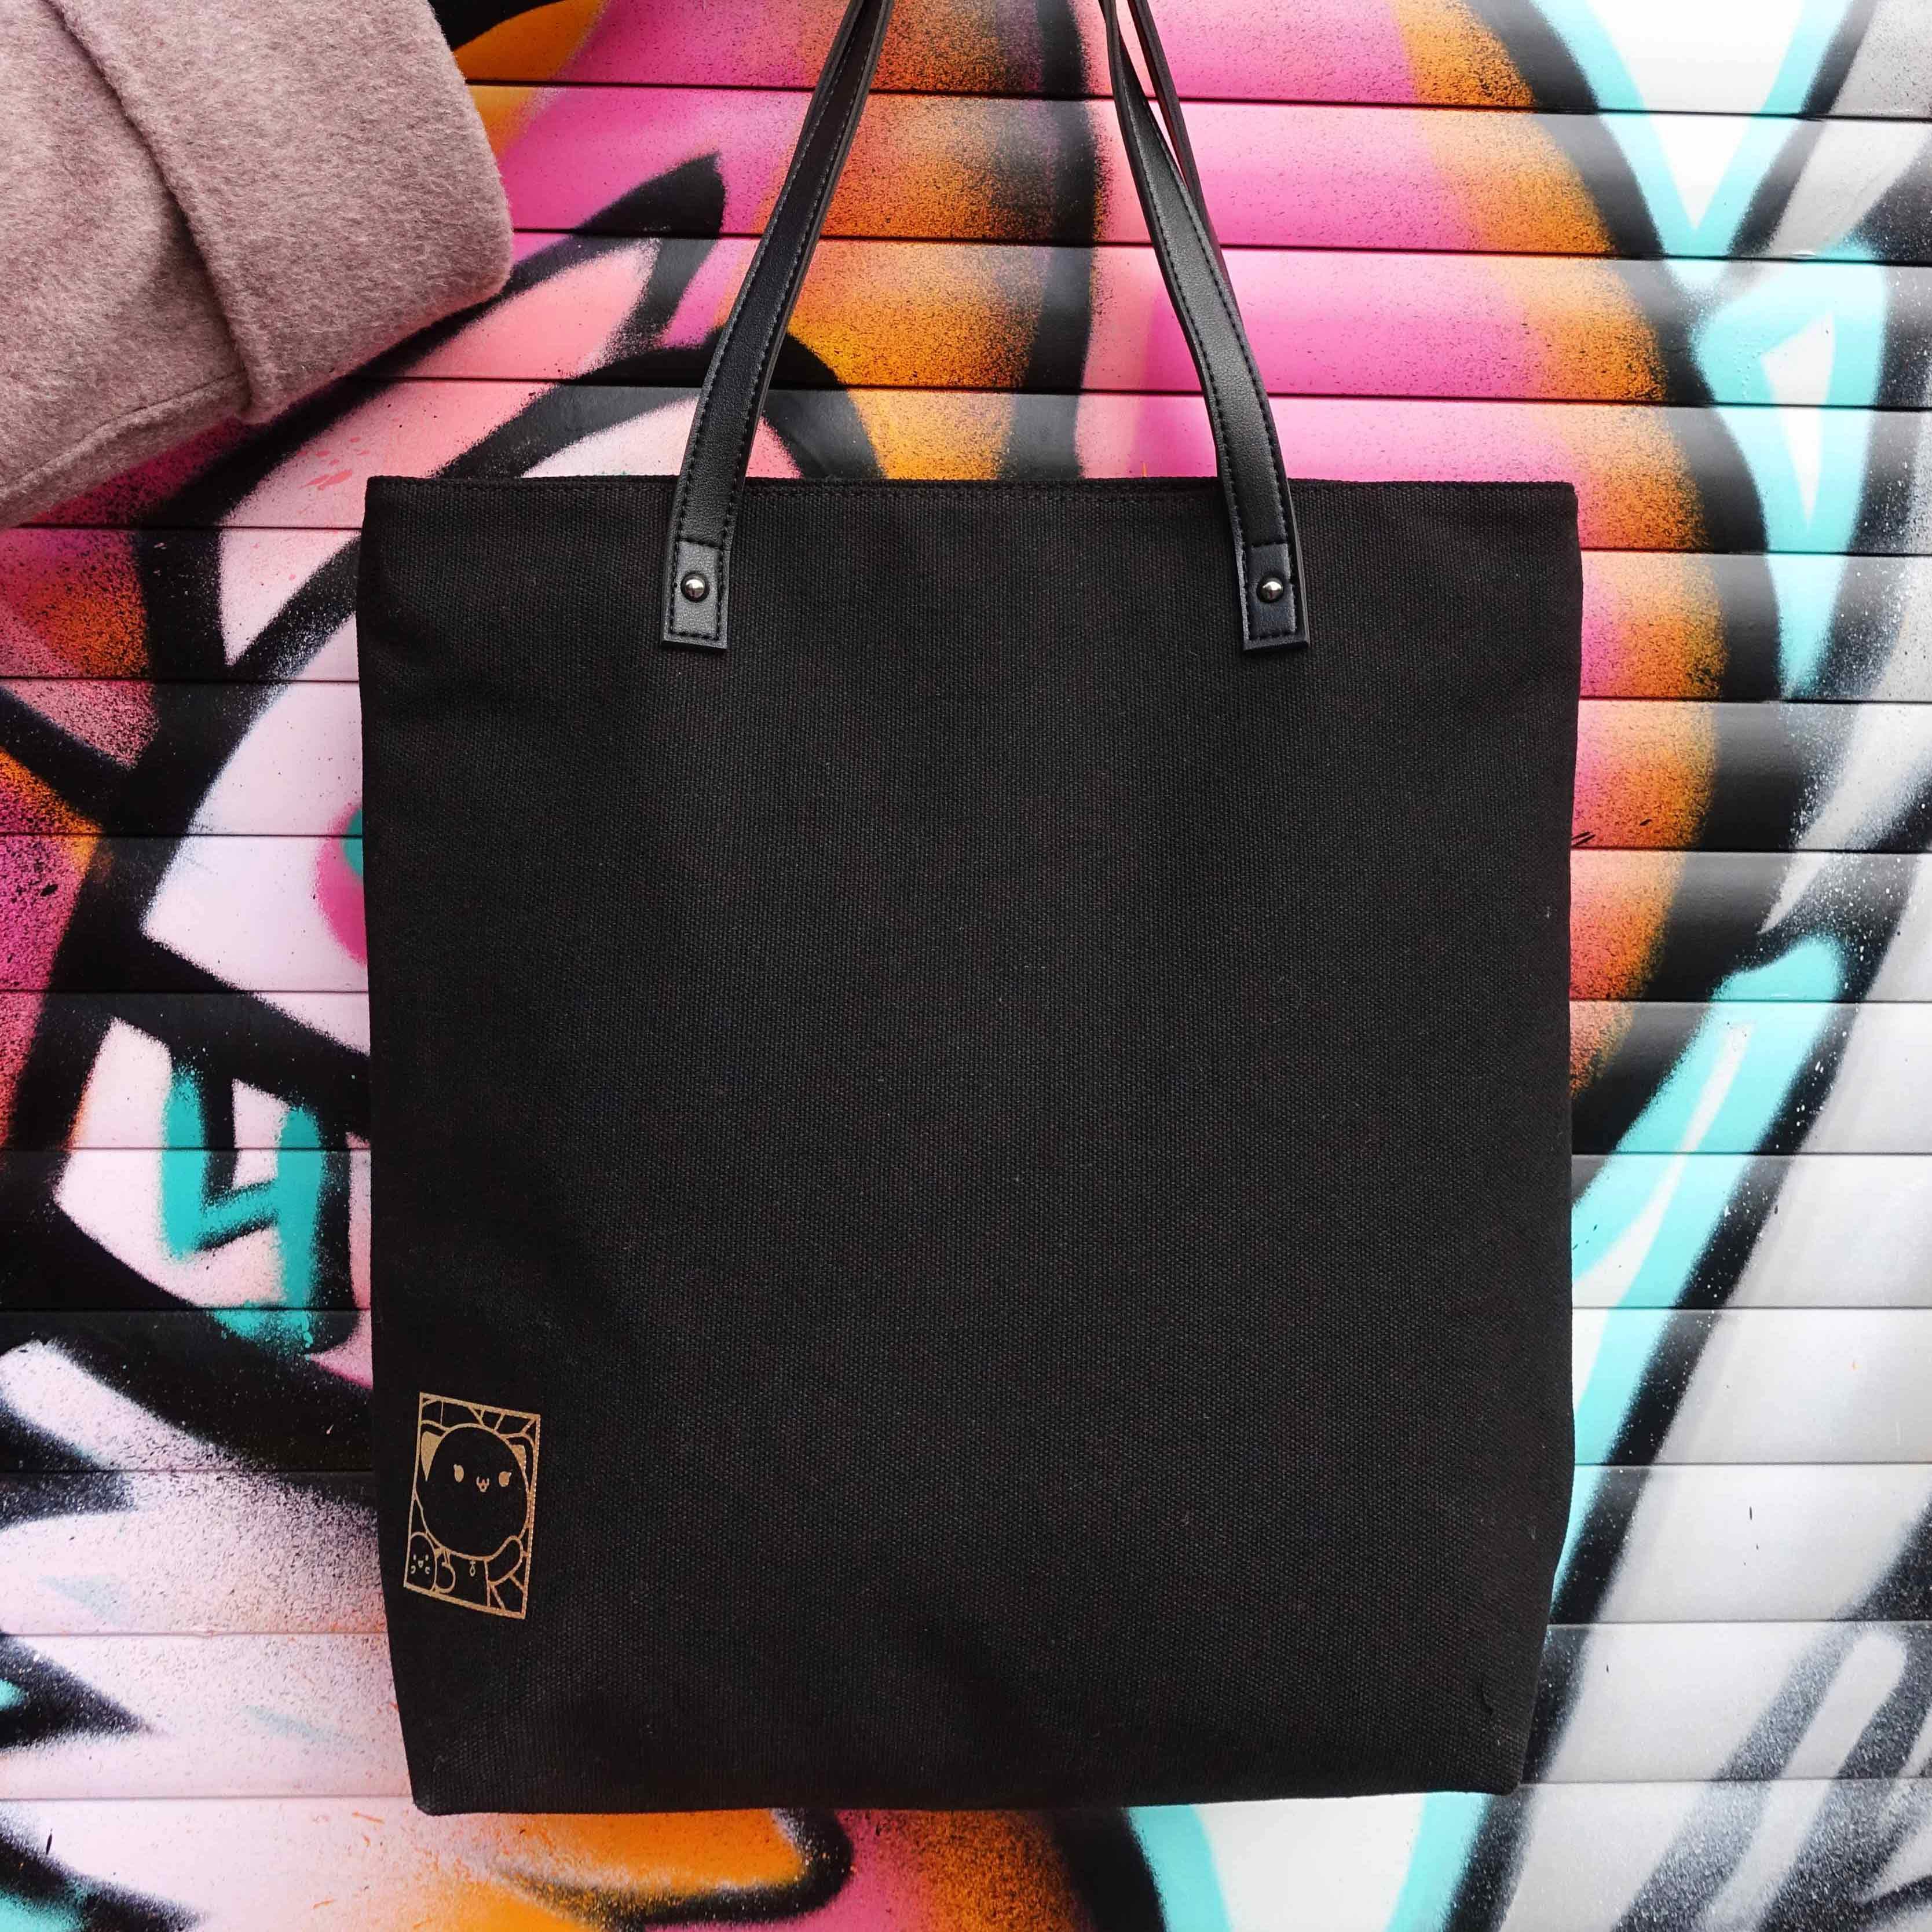 西子猫猫 烫金黑色单肩手拎帆布包中性潮款环保购物袋设计师新款